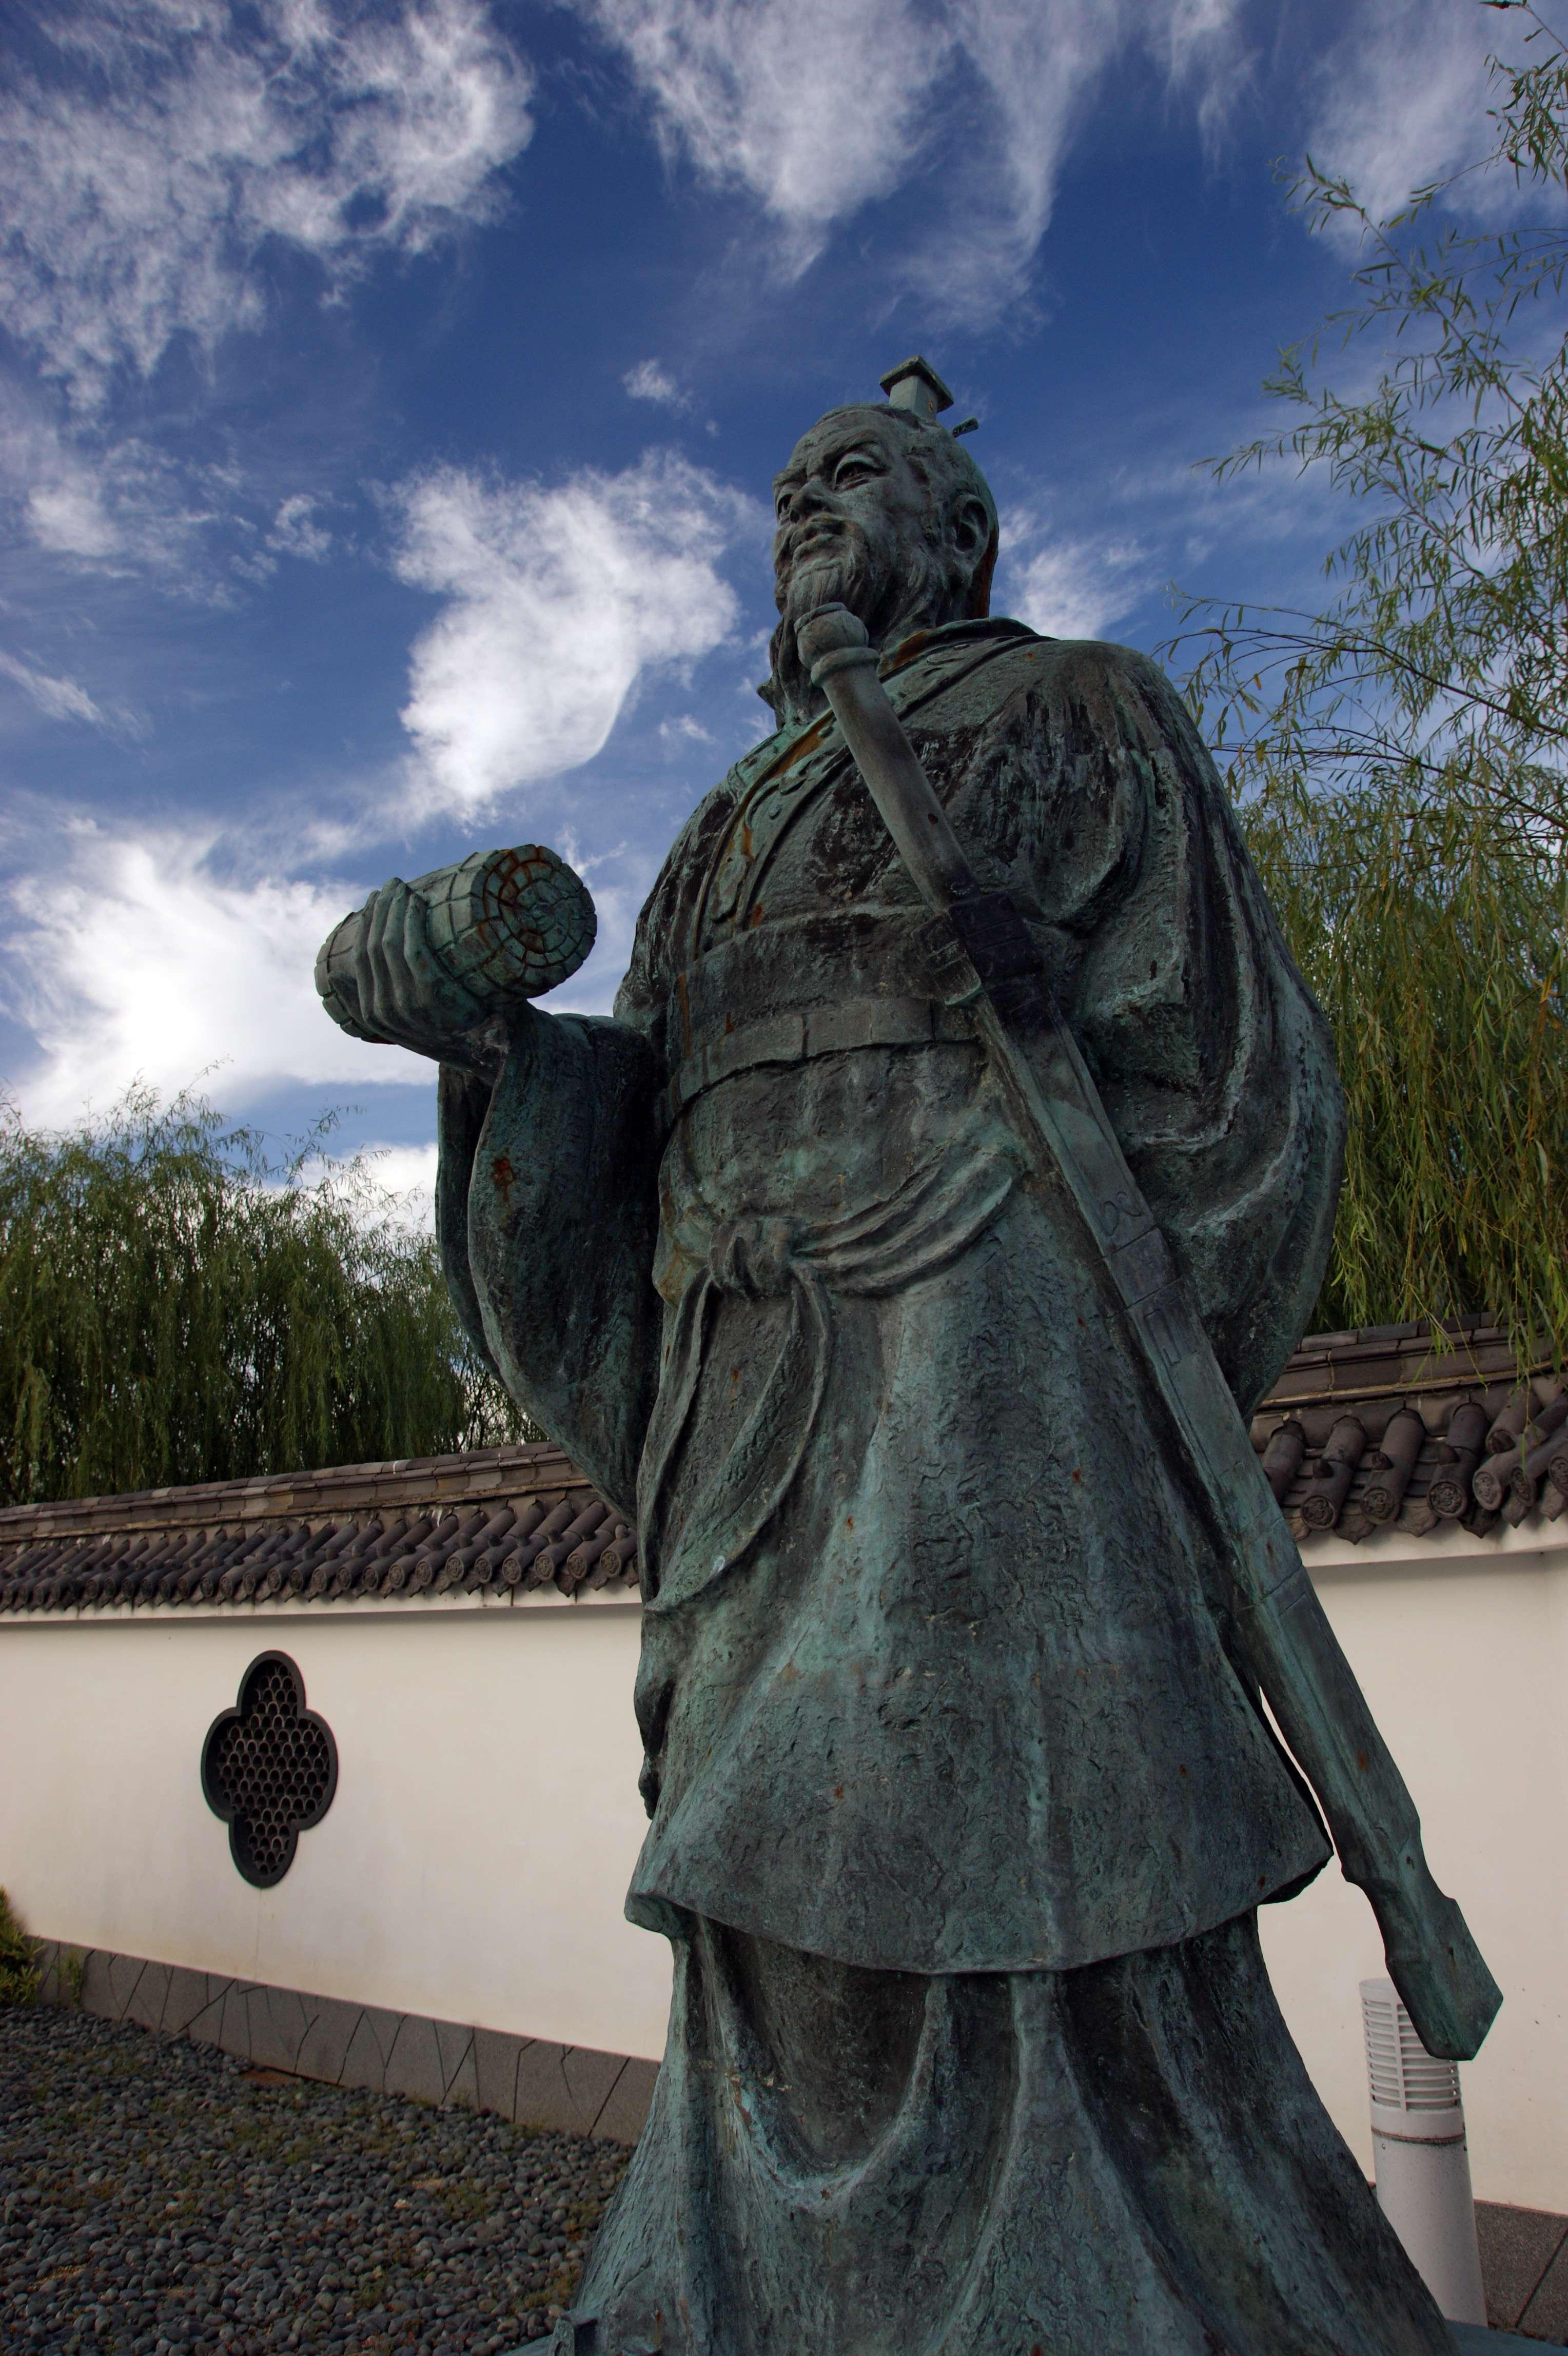 """Σουν Τσου (κινέζικα: 孫子, πινγίν: Σουν Ζι) (""""Αφέντης Σουν"""") είναι ένας τιμητικός τίτλος που παραχωρήθηκε στον Σουν Βου (544 π.Χ. - 496 π.Χ.), τον συγγραφέα της Τέχνης του Πολέμου, ενός αρχαίου κινεζικού βιβλίου στρατιωτικής στρατηγικής με τεράστια επιρροή."""